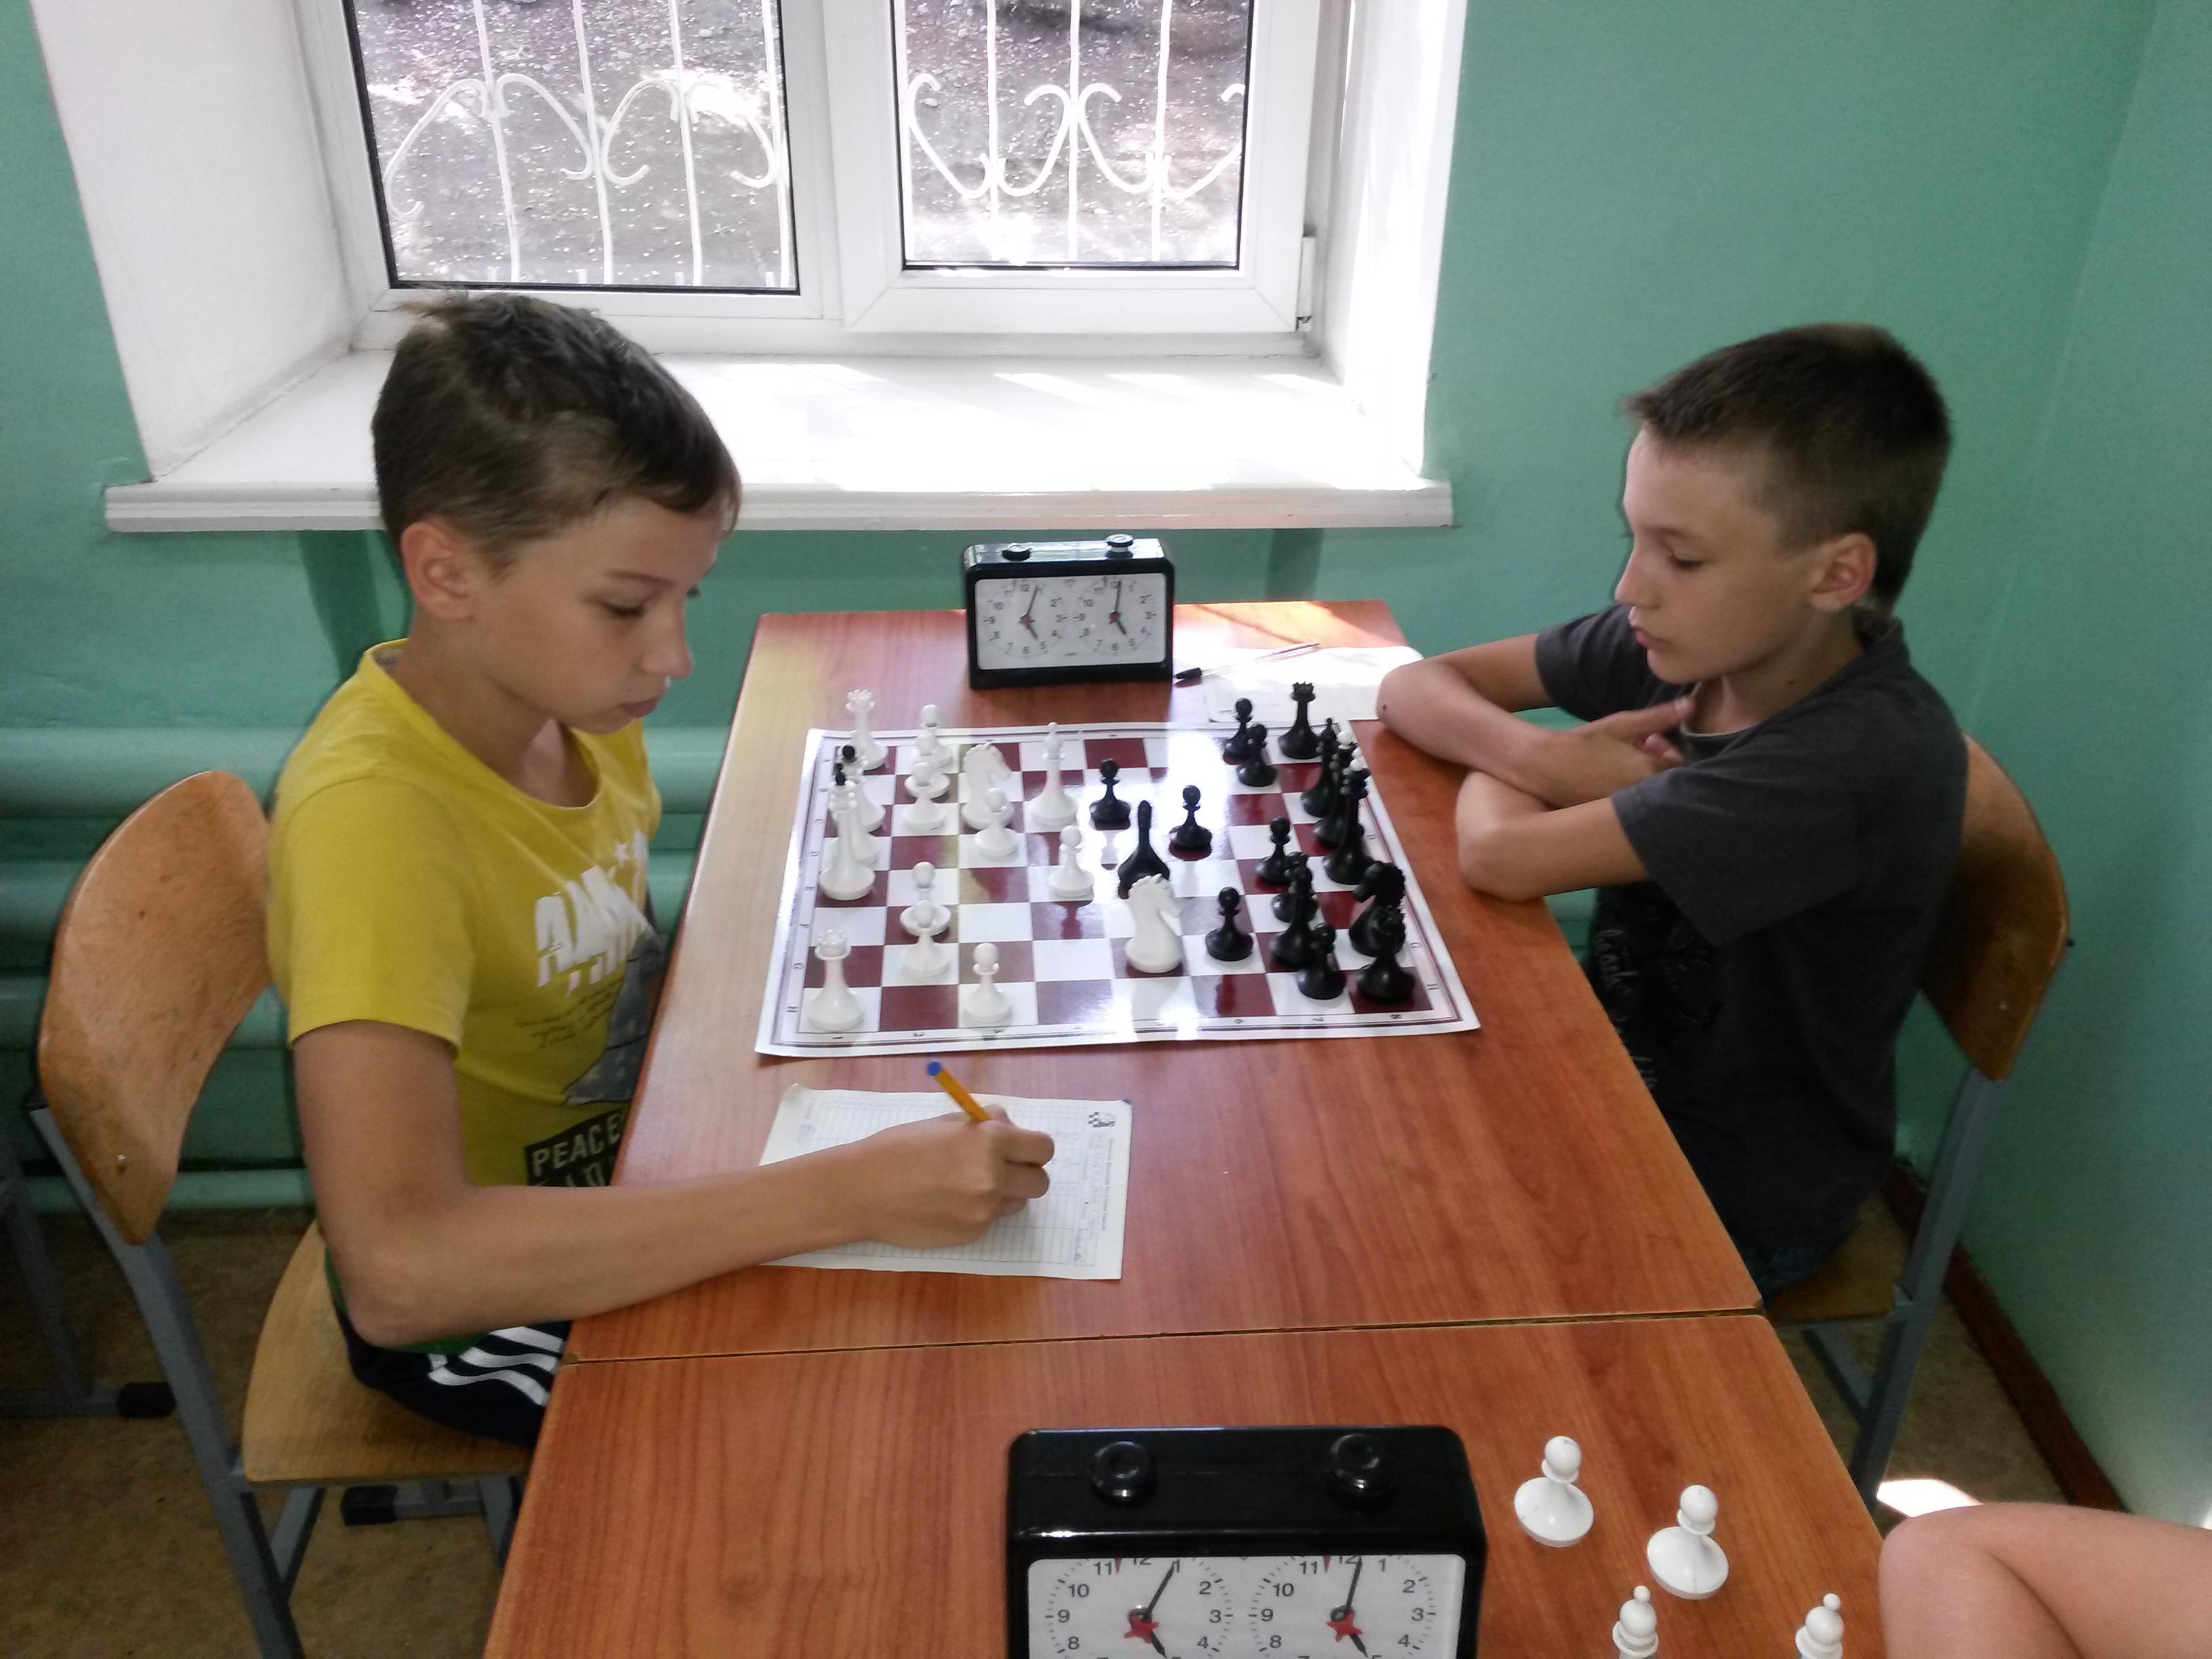 Лидеры турнира мальчики до 13 лет сыграли вничью. Слева Данил Сейбель, справа Артем Завьялов